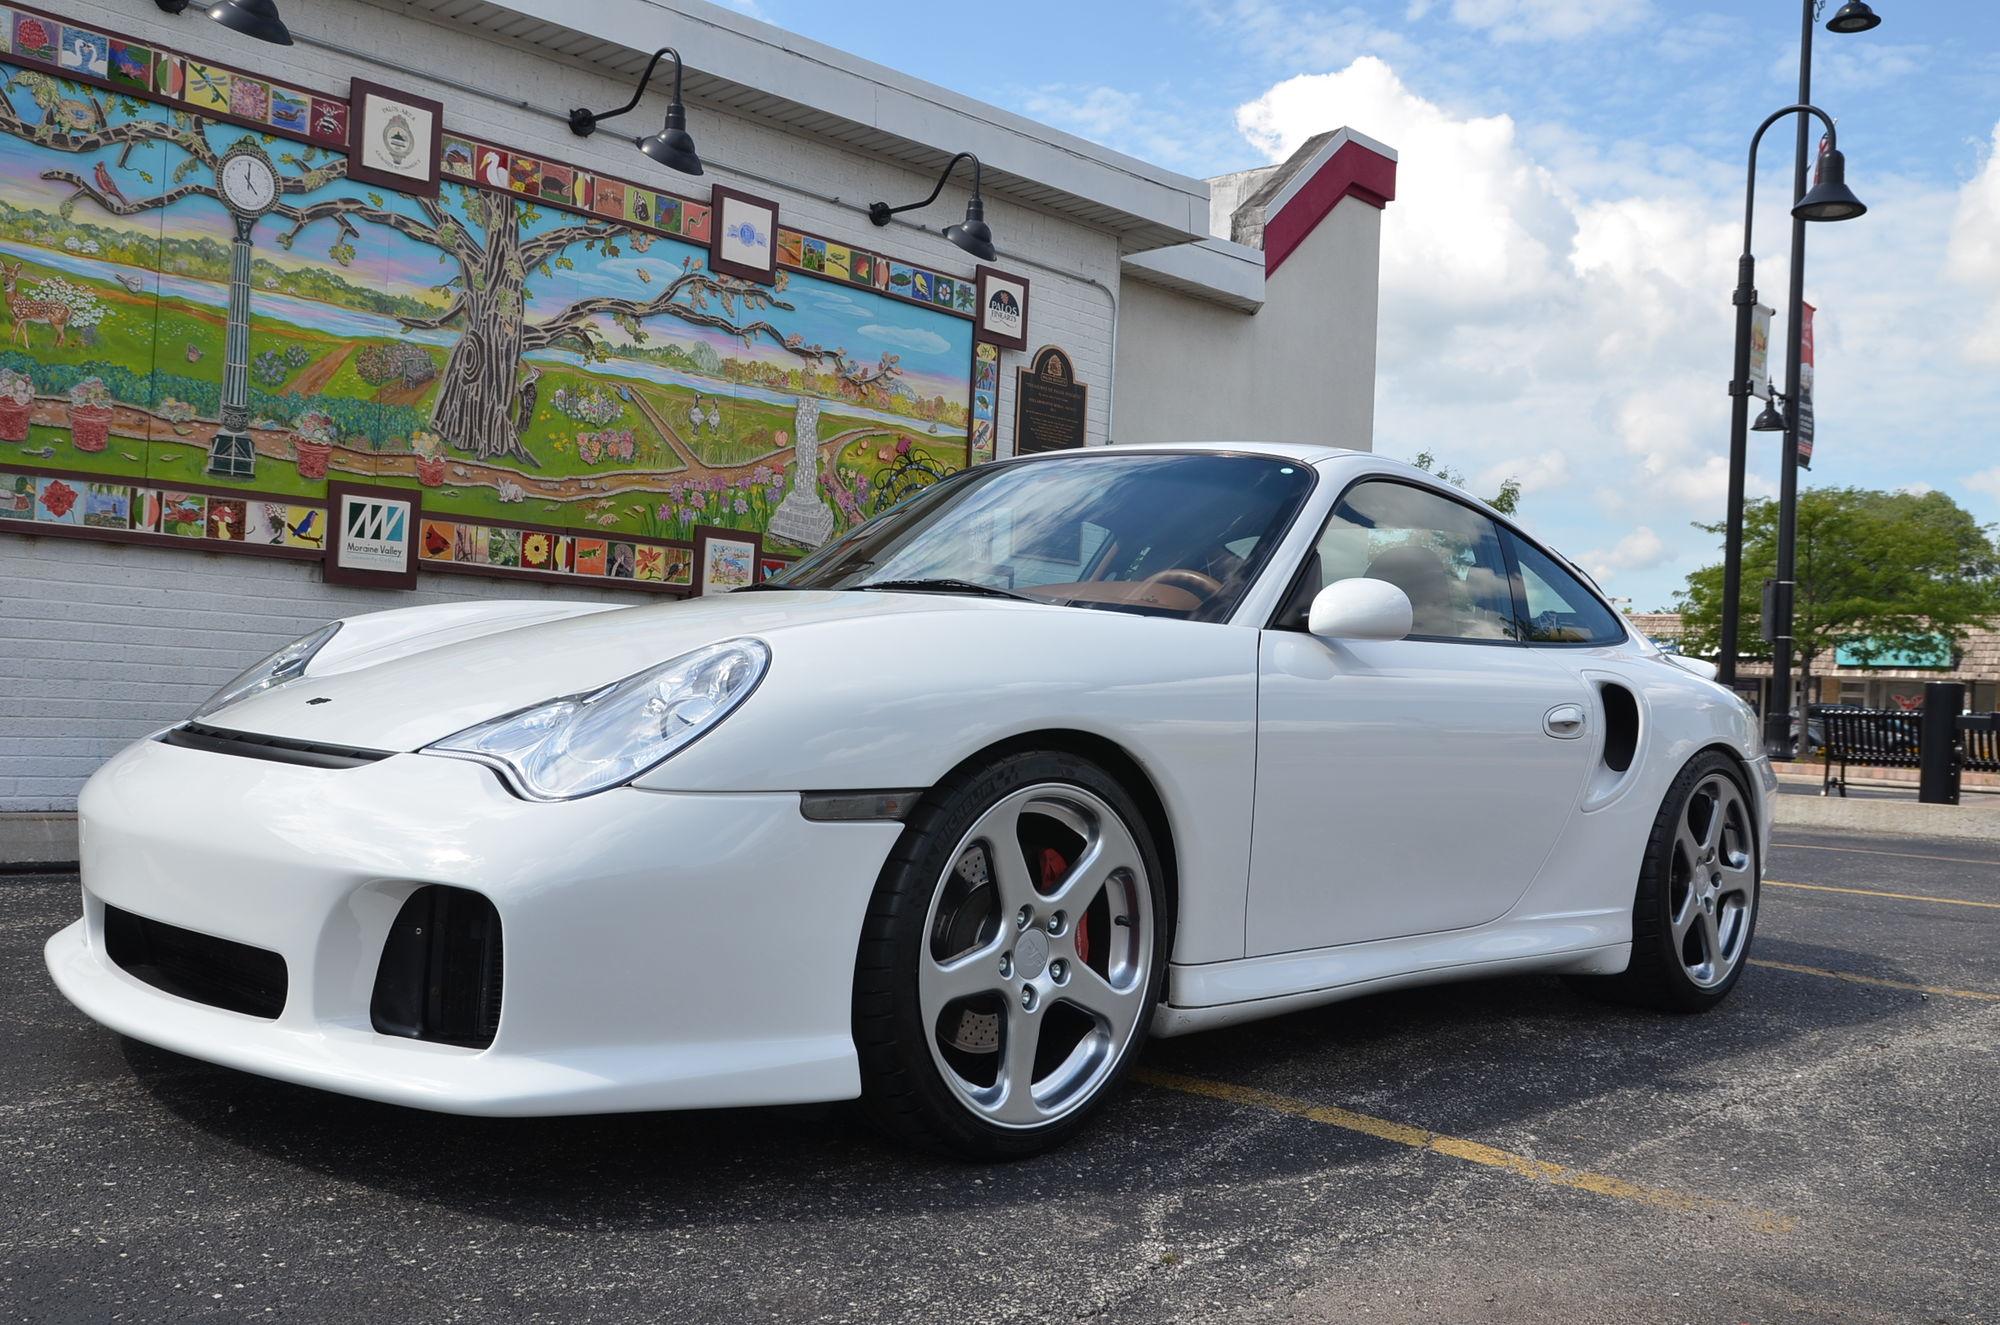 80-dsc_1958_24af9f1d22e9c6ae3ff1df80d1d67b5880df79b5 Terrific 2002 Porsche 911 Carrera Turbo Gt2 X50 Cars Trend